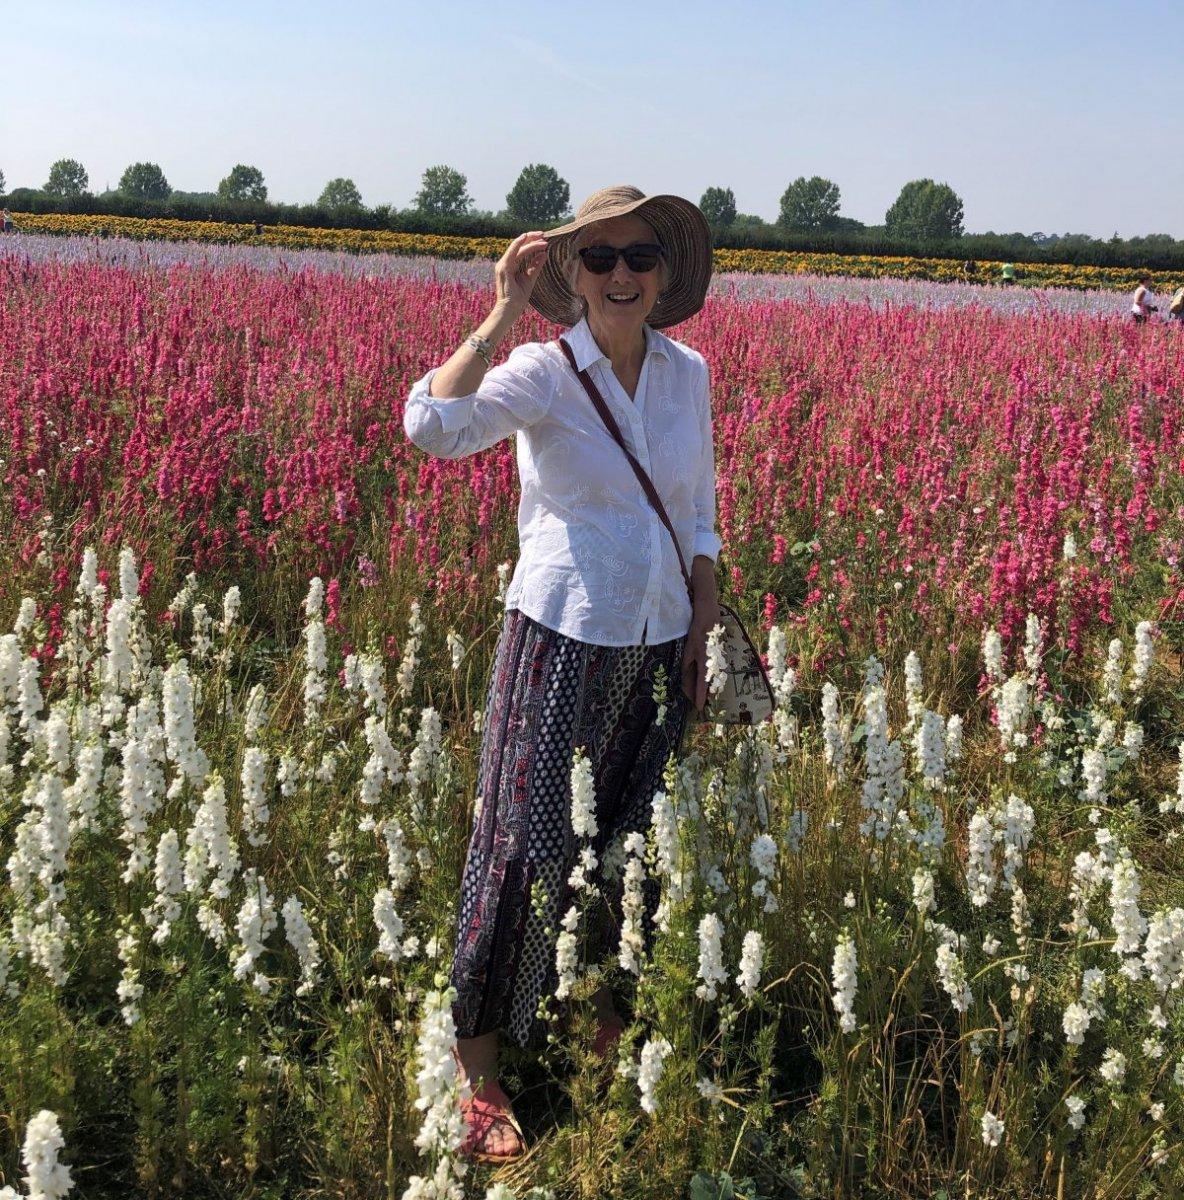 Marilyn in a field of flowers